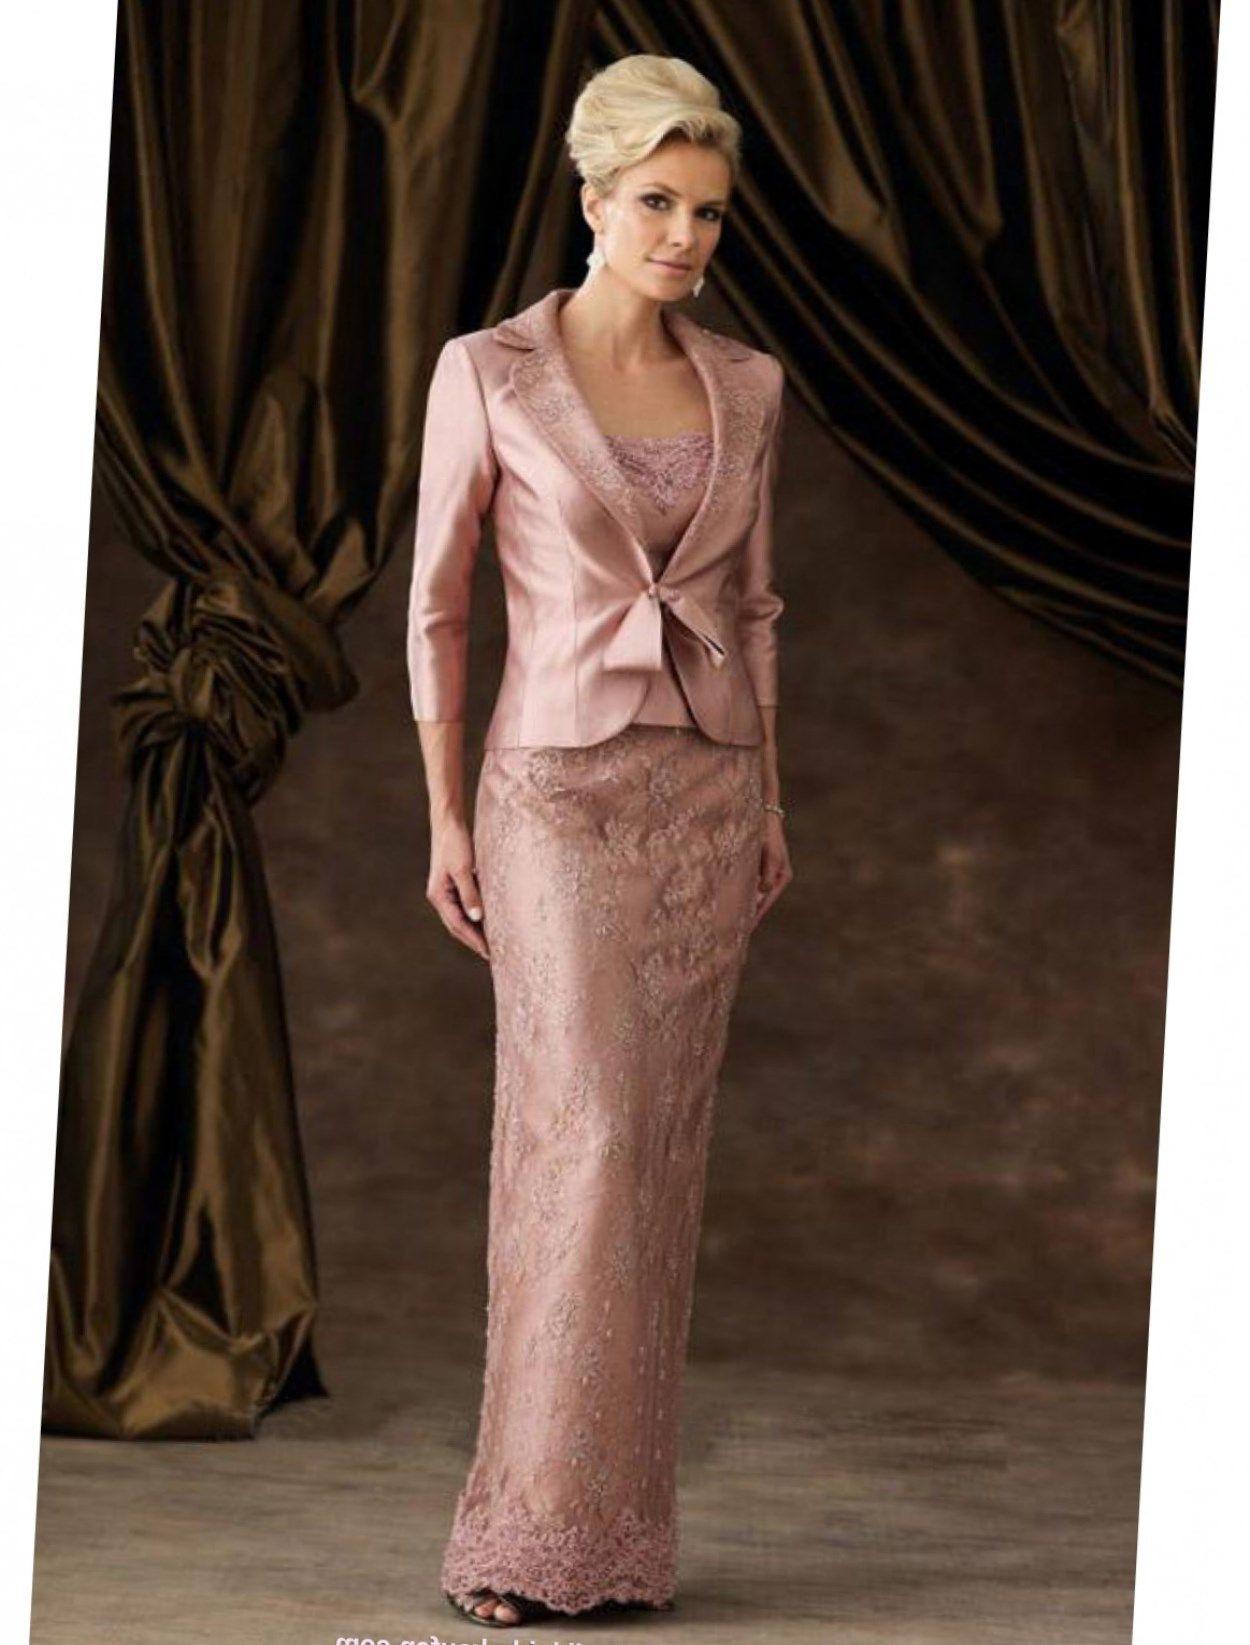 Abend Perfekt Kleider Für Ältere Damen Stylish20 Schön Kleider Für Ältere Damen Design